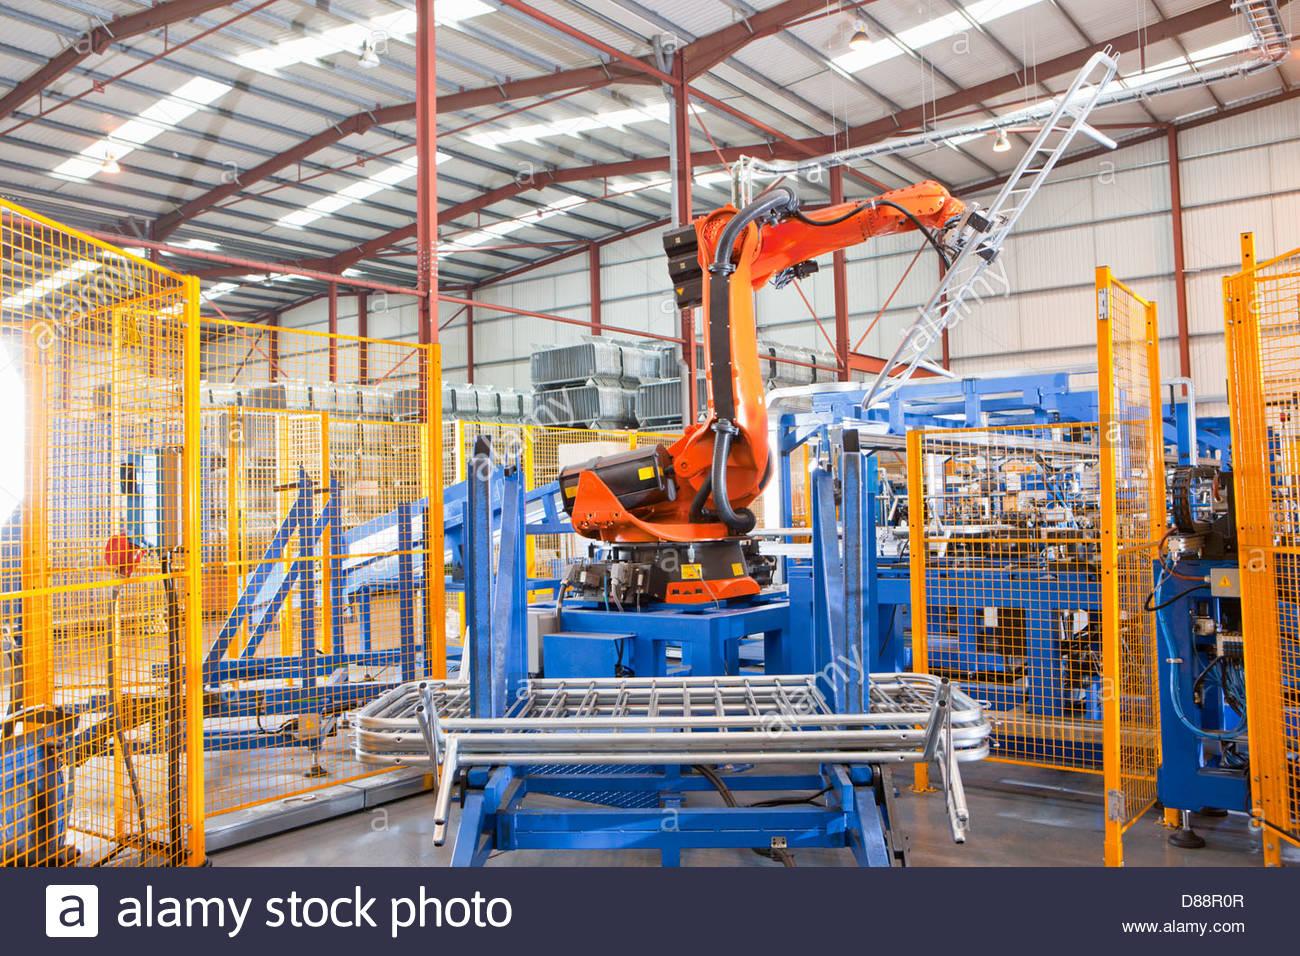 Levage machines robotique clôtures en acier sur la ligne de production dans l'usine de fabrication Photo Stock